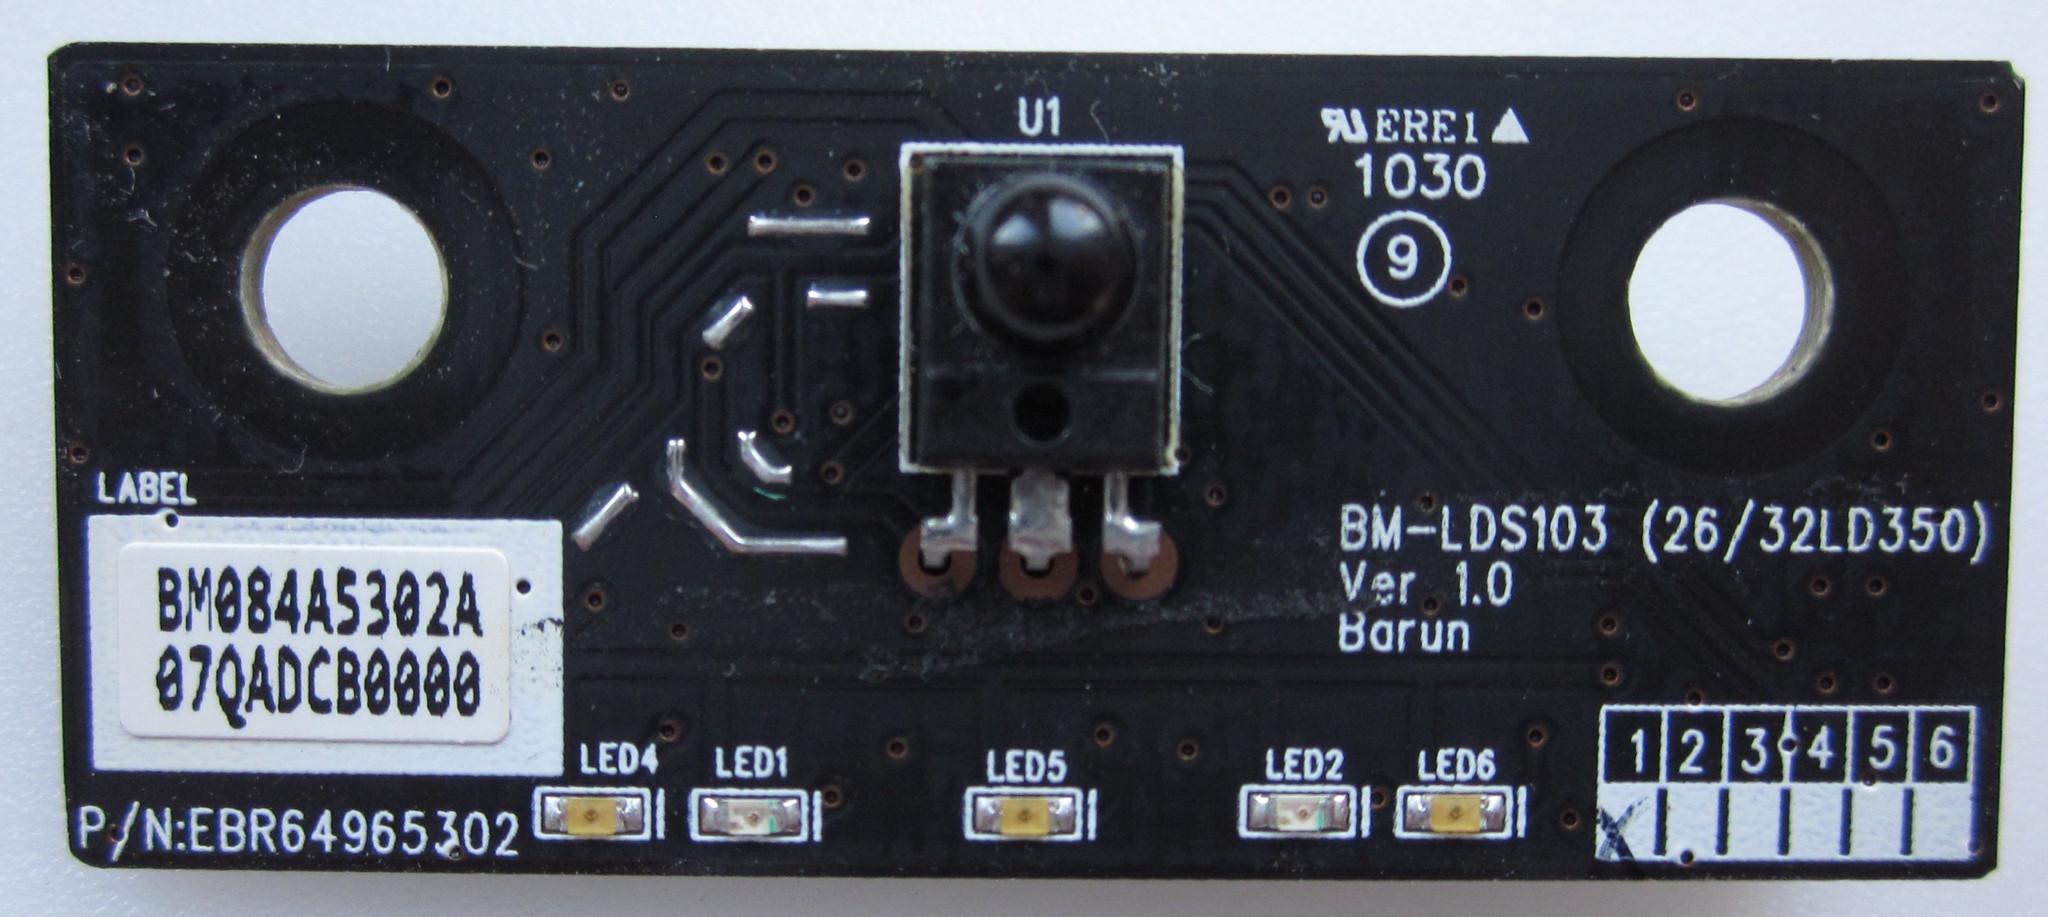 BM-LDS103 Ver 1.0